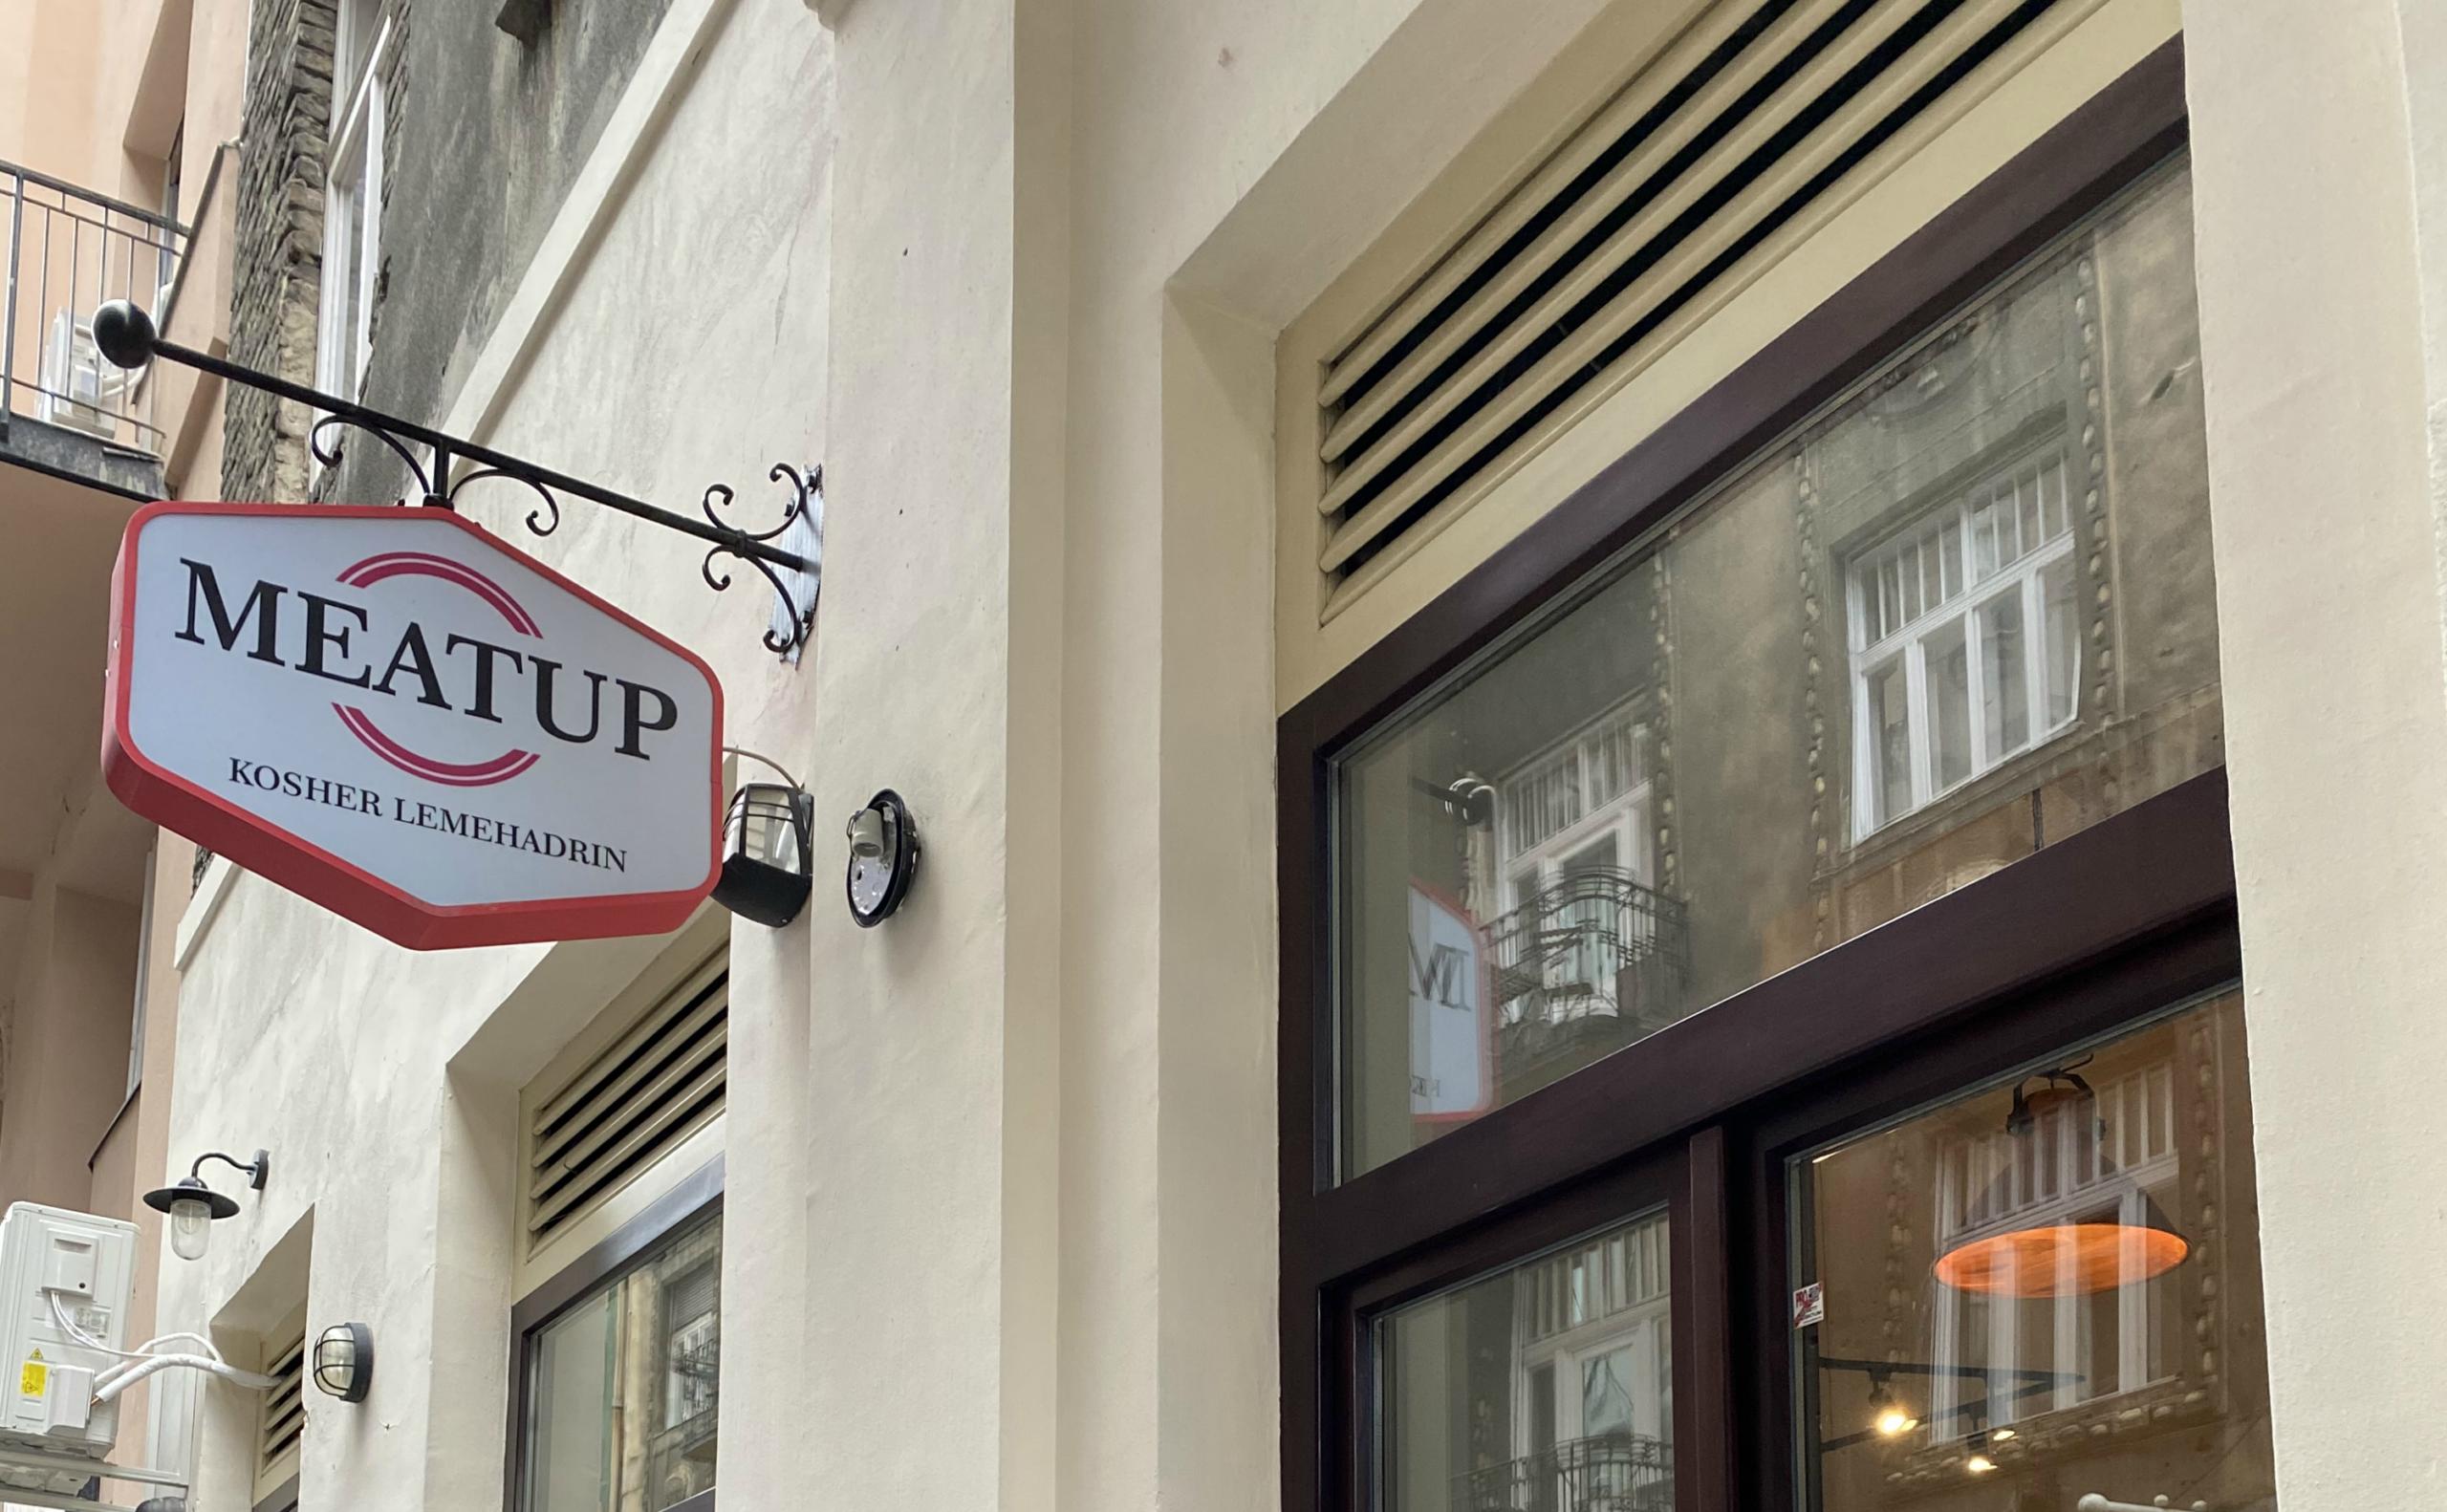 מיטאפ - מסעדה כשרה ברובע היהודי של בודפשט